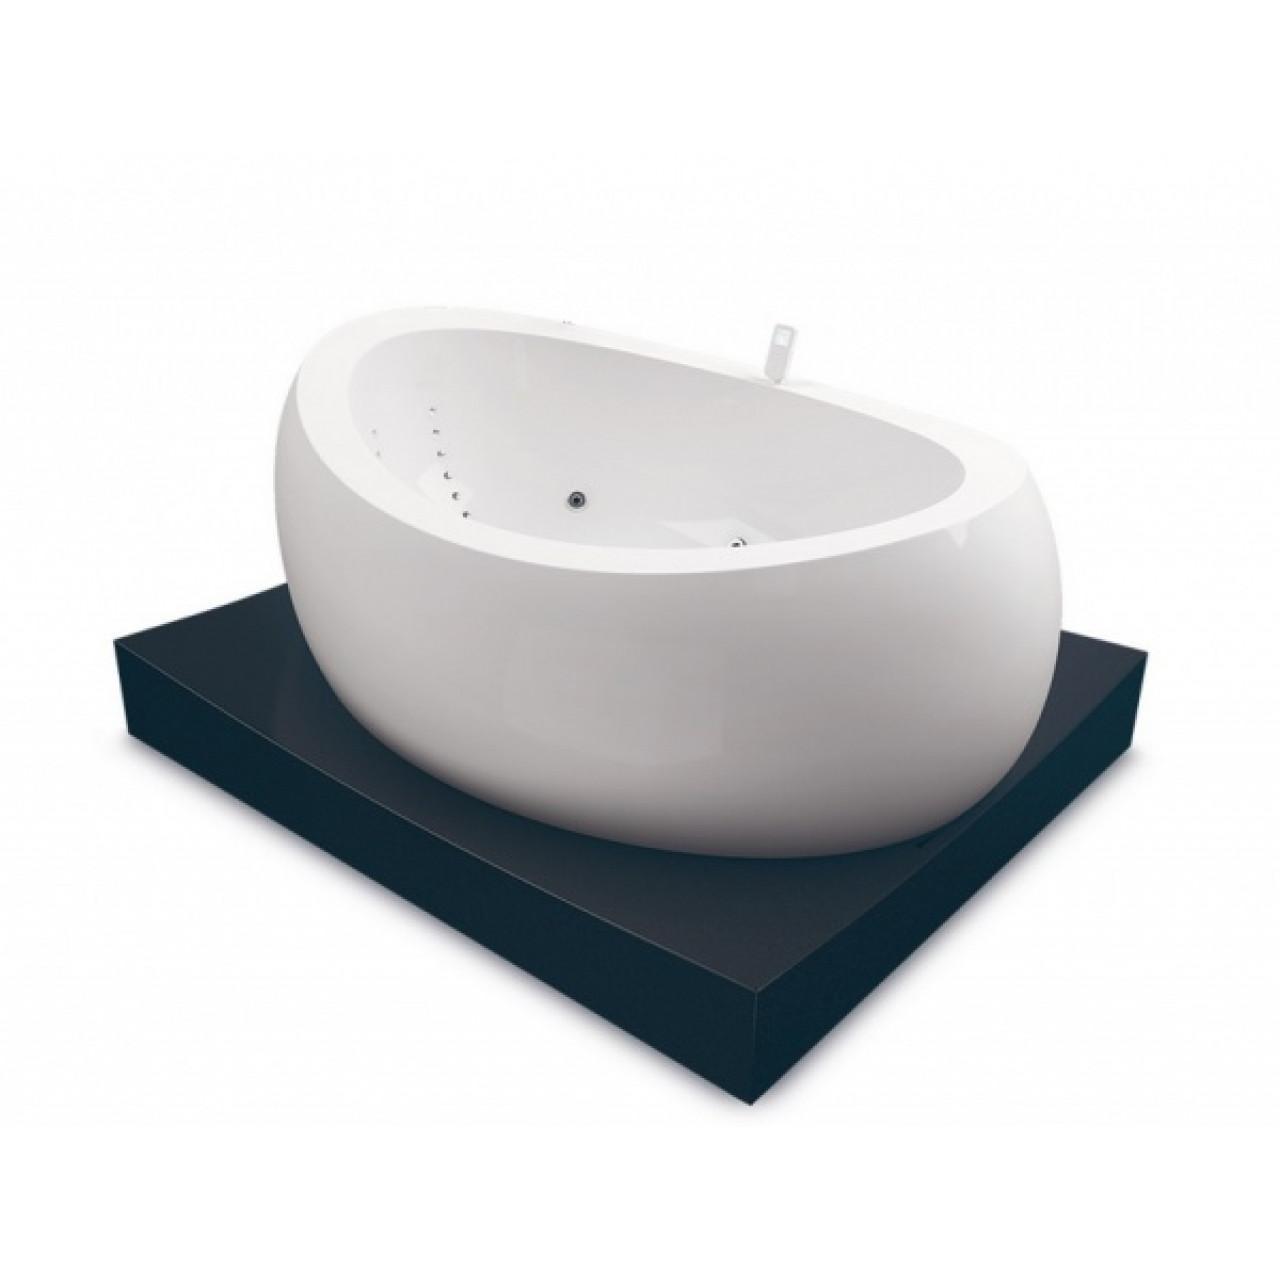 Акриловая ванна Акватика Сабзеро Reflexa 207x160x90 купить в Москве по цене от 398000р. в интернет-магазине mebel-v-vannu.ru